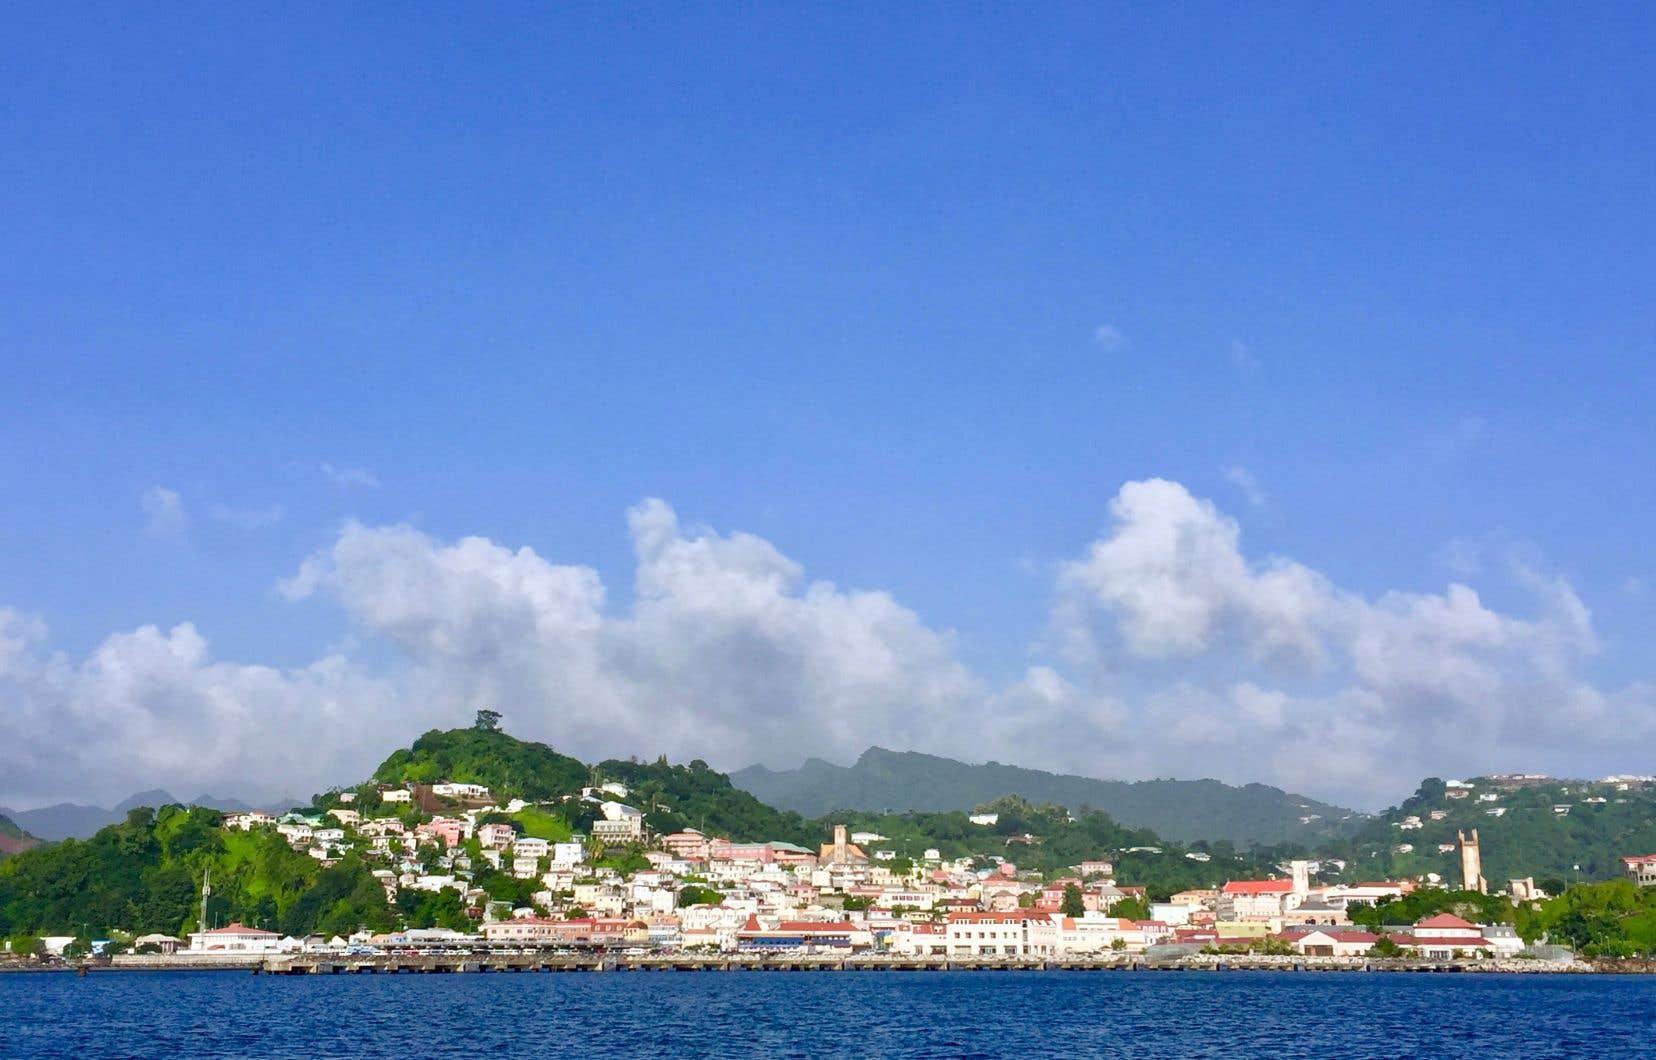 Saint-Georges, la capitale de la Grenade, vue de la mer